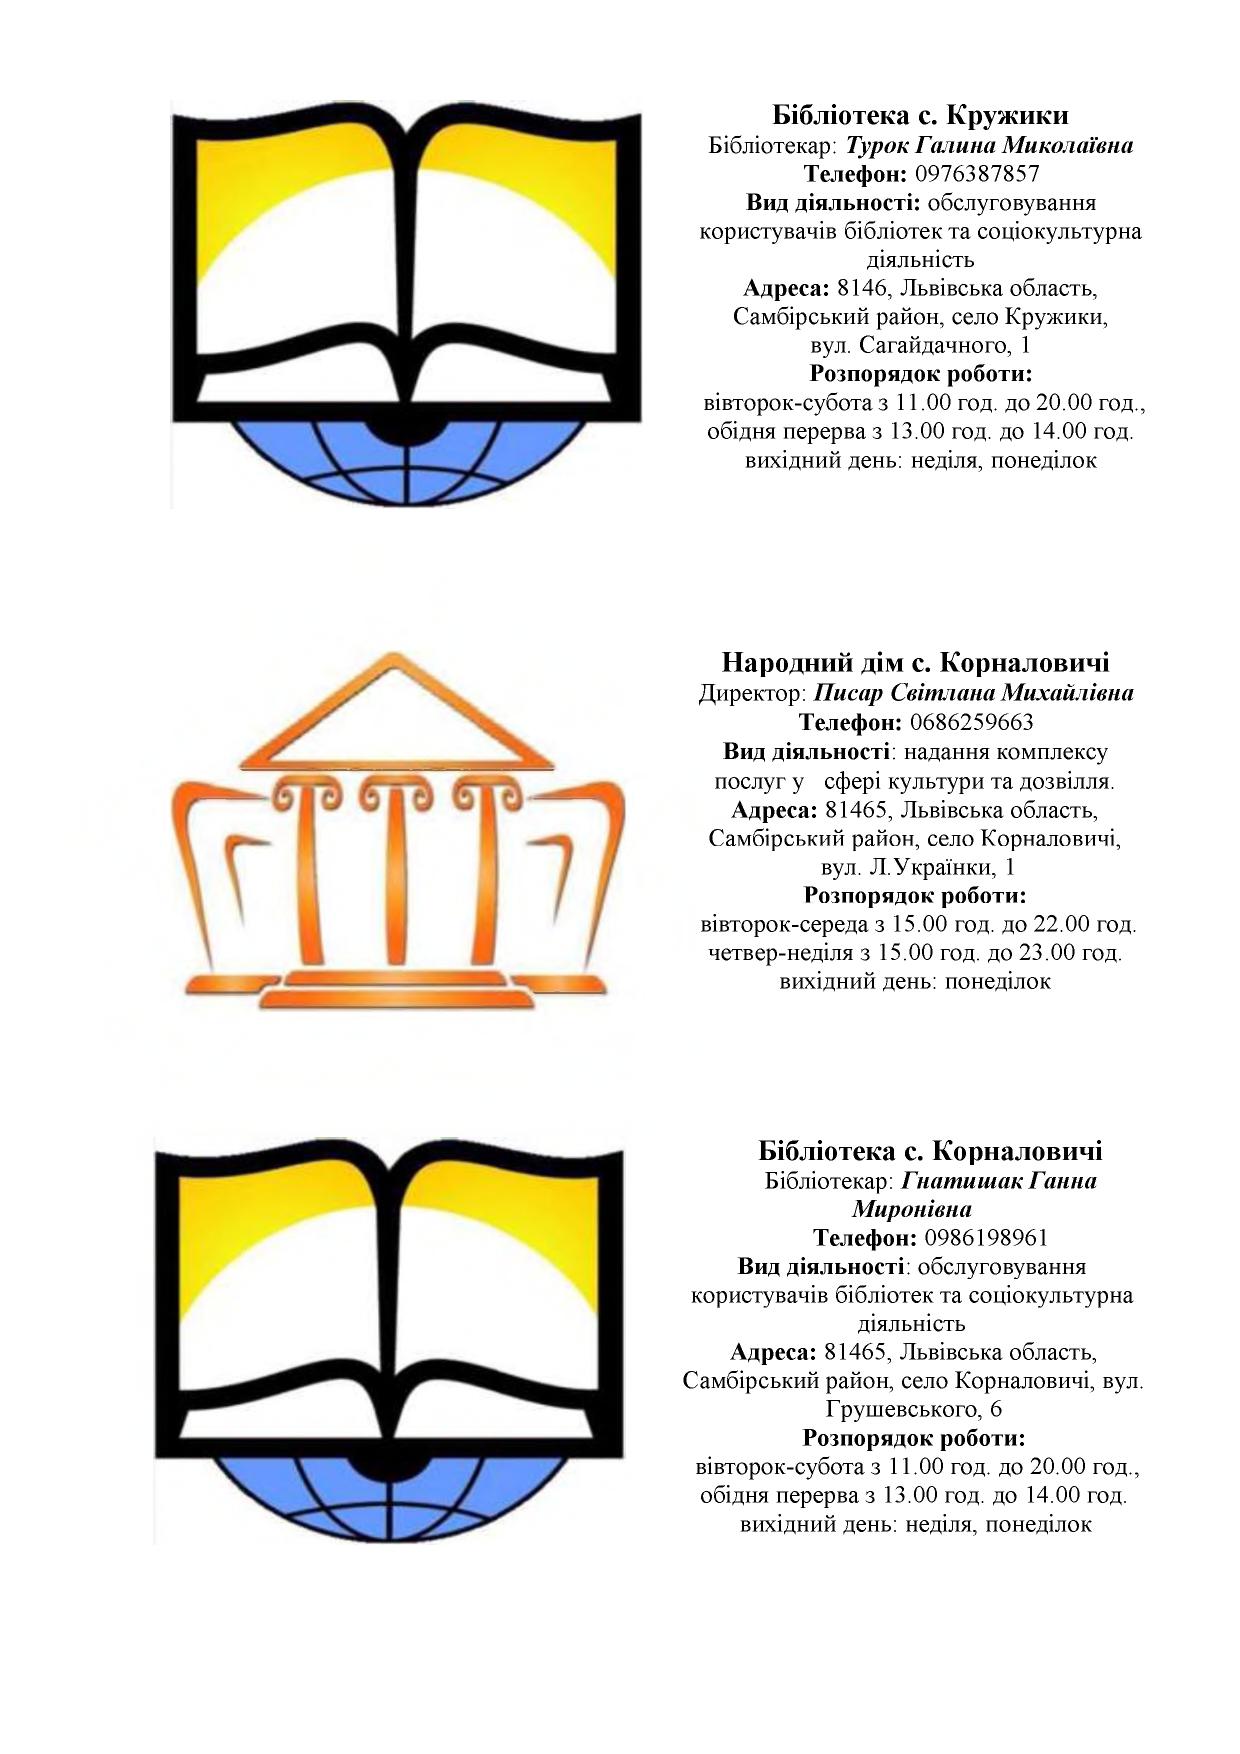 zaklady kultury Novokalynivskoi TH 3